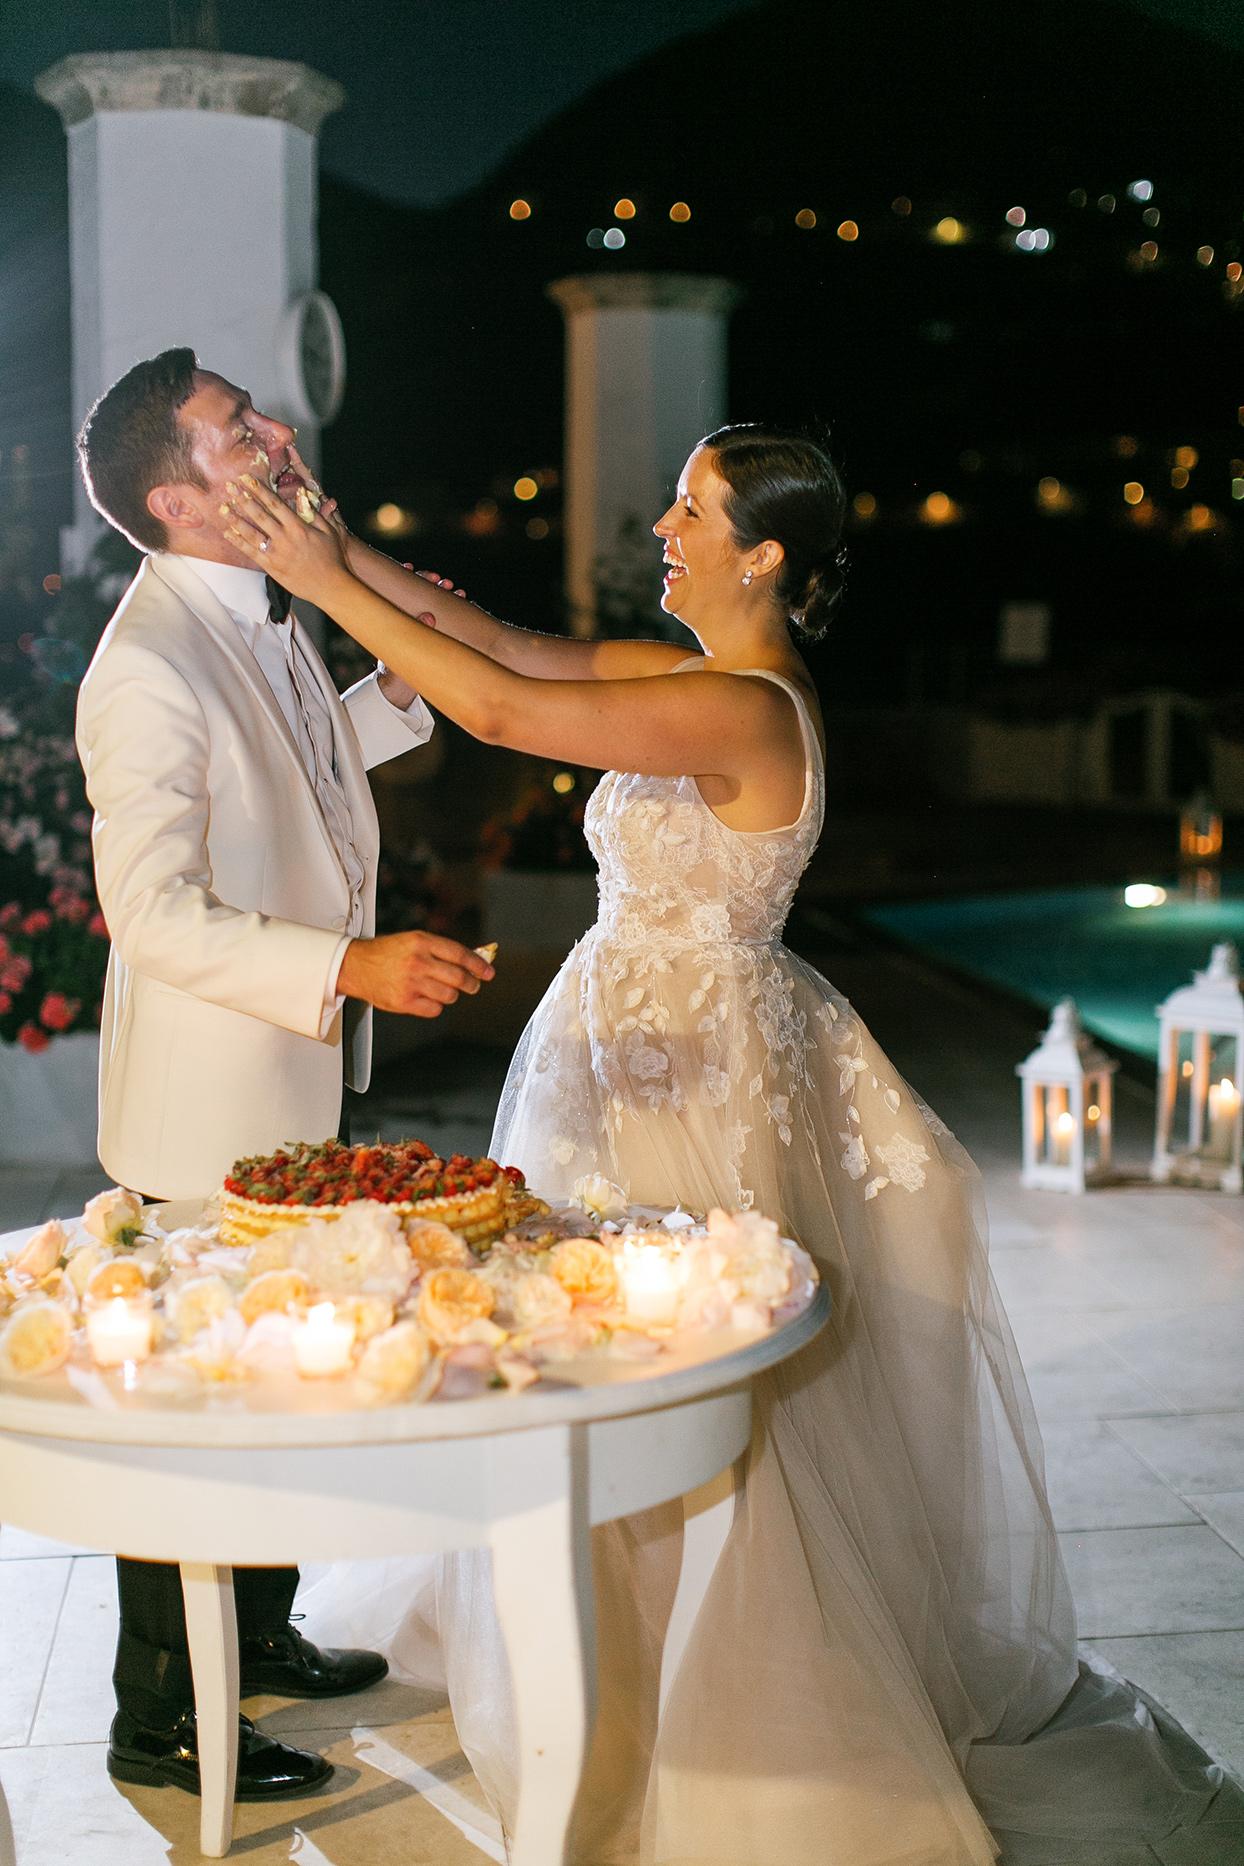 jacqueline david wedding couple cake smash